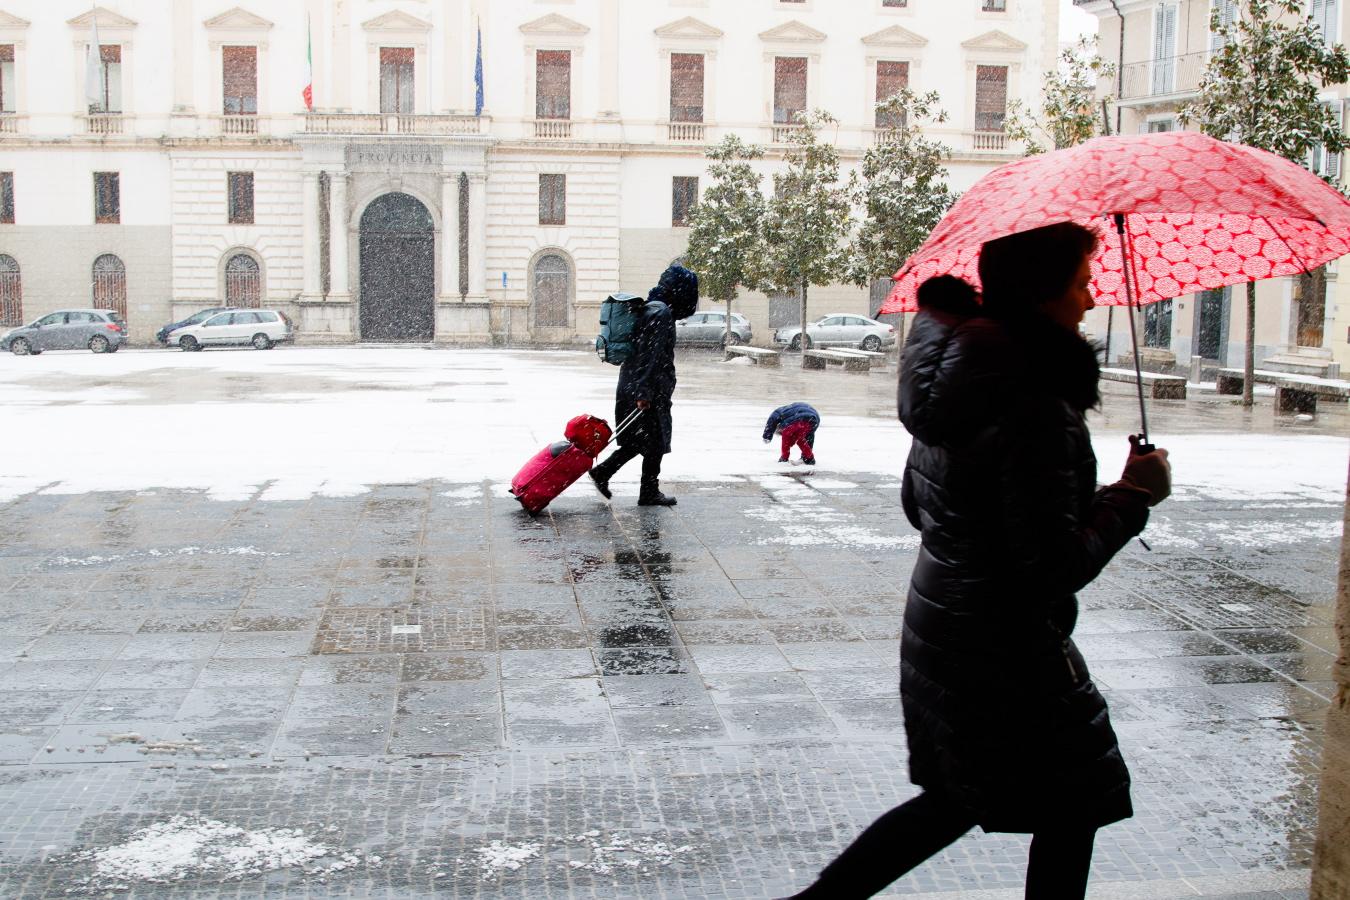 FOTO – Torna la neve in Basilicata: scatti dalla domenica imbiancata a Potenza